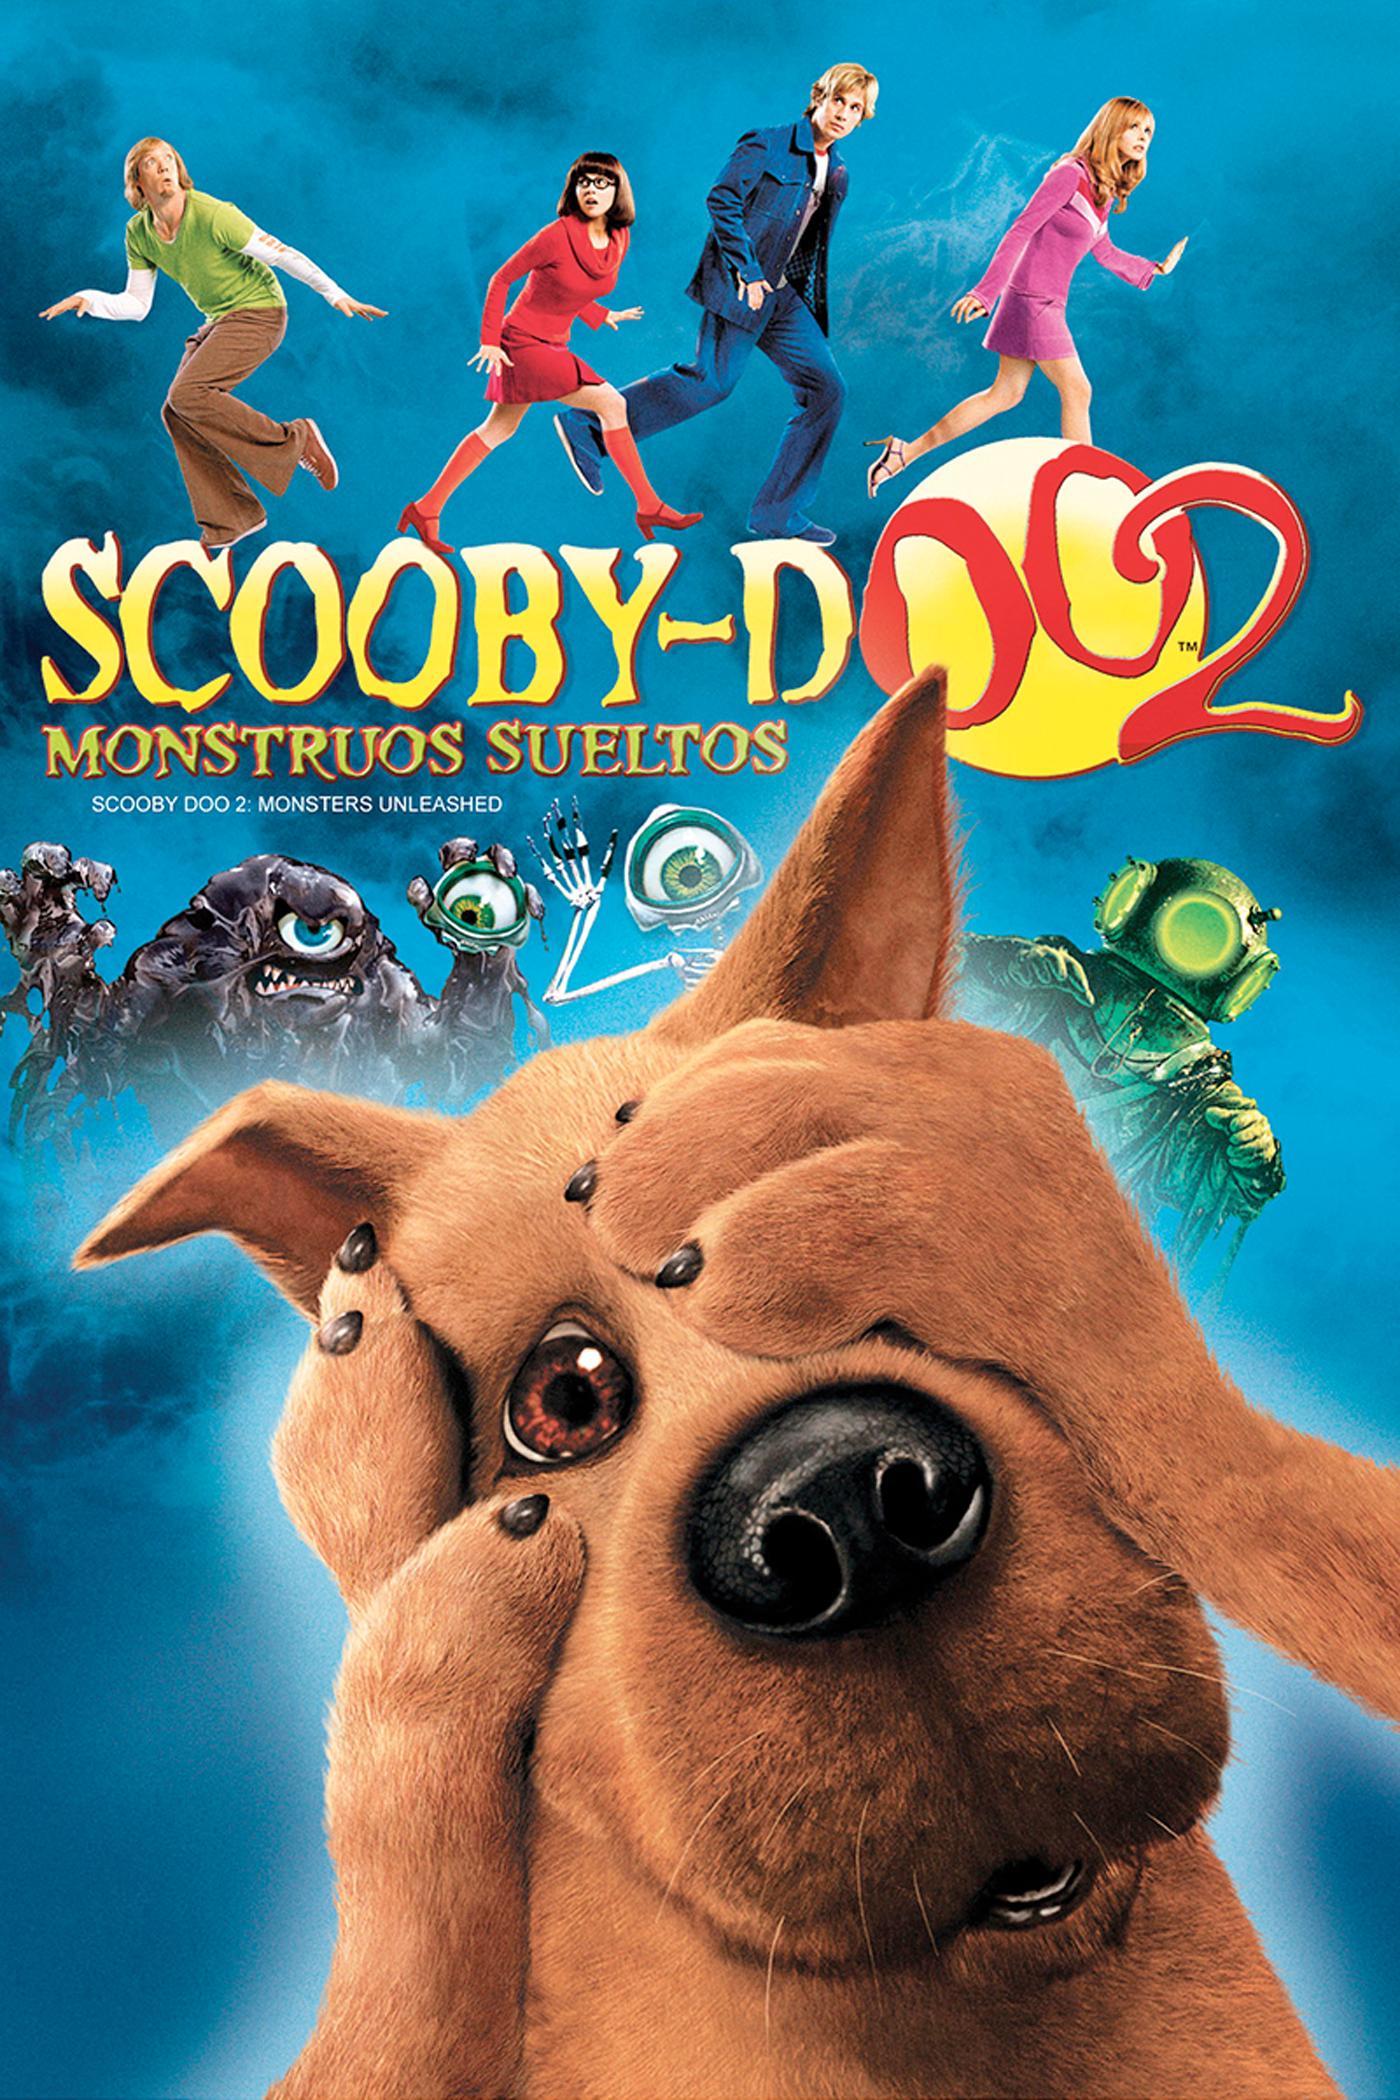 Scooby doo 2 monstruos sueltos doblaje wiki fandom - De scooby doo ...